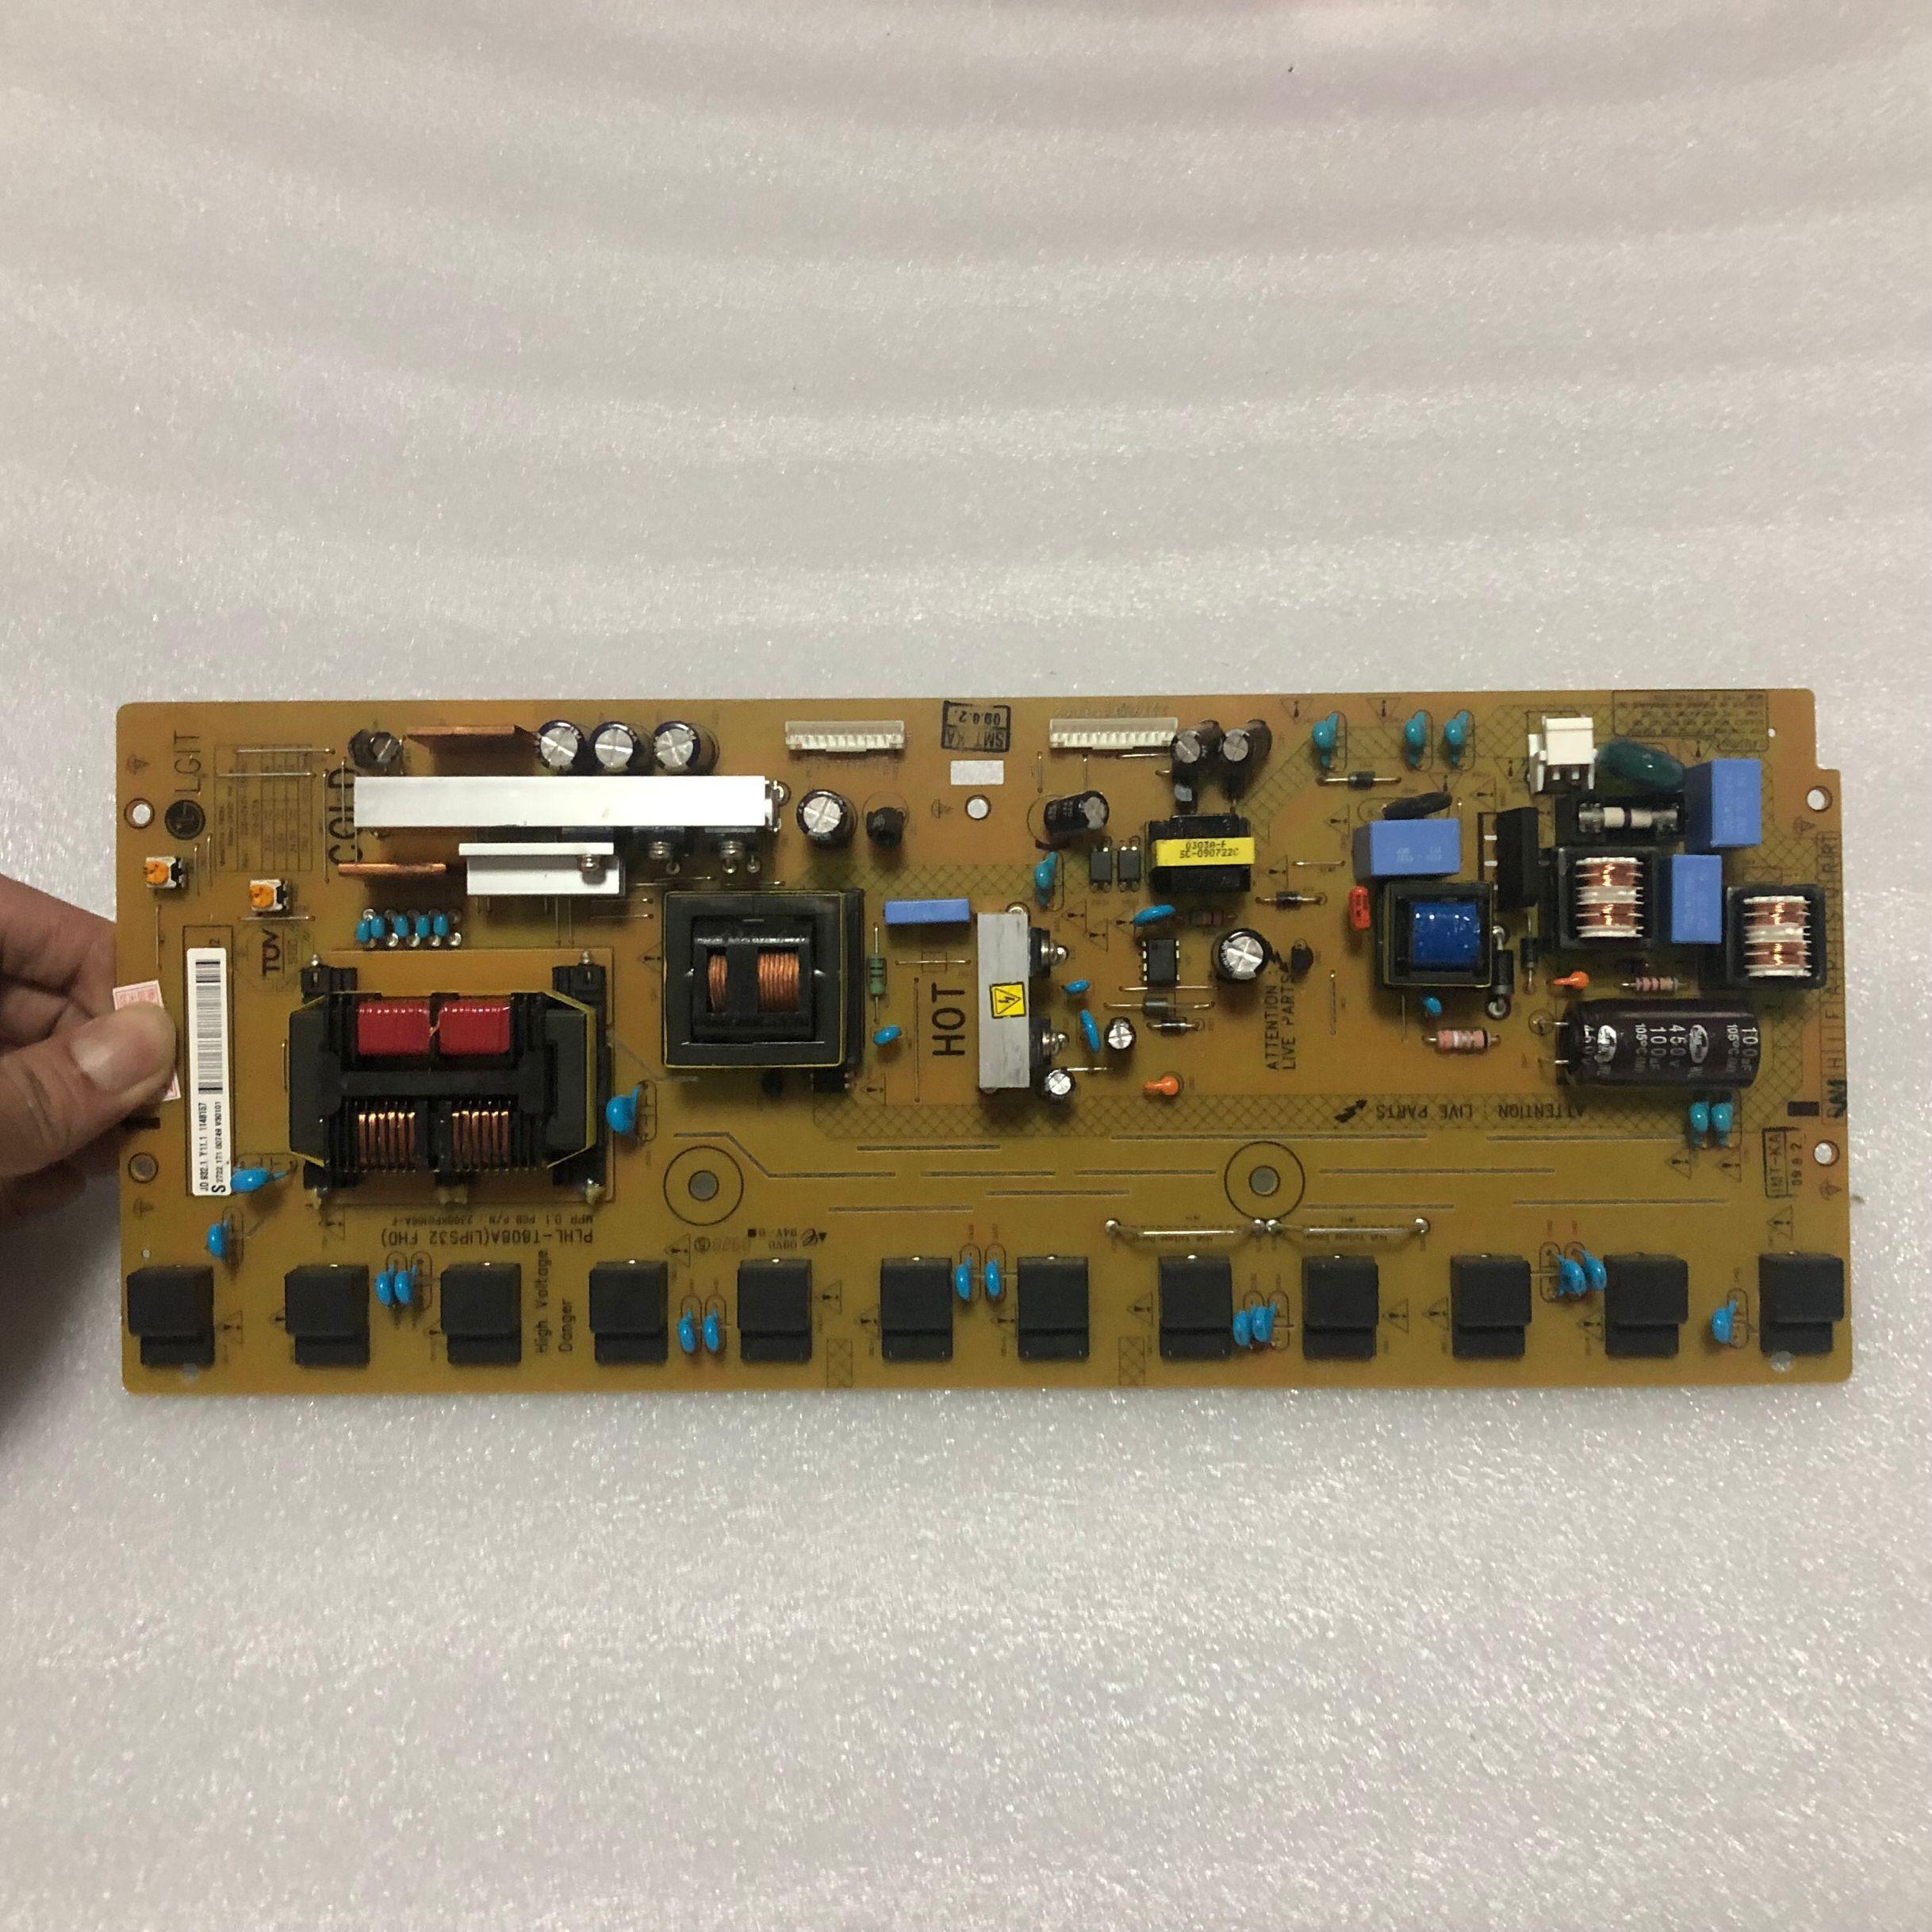 1 ชิ้น/ล็อตใหม่และต้นฉบับ high   ความดันแผ่นแบบบูรณาการ PLHL T808A 2300KPG106A-ใน แบตเตอรี่แท็บเล็ตและแบตเตอรี่สำรอง จาก คอมพิวเตอร์และออฟฟิศ บน AliExpress - 11.11_สิบเอ็ด สิบเอ็ดวันคนโสด 1